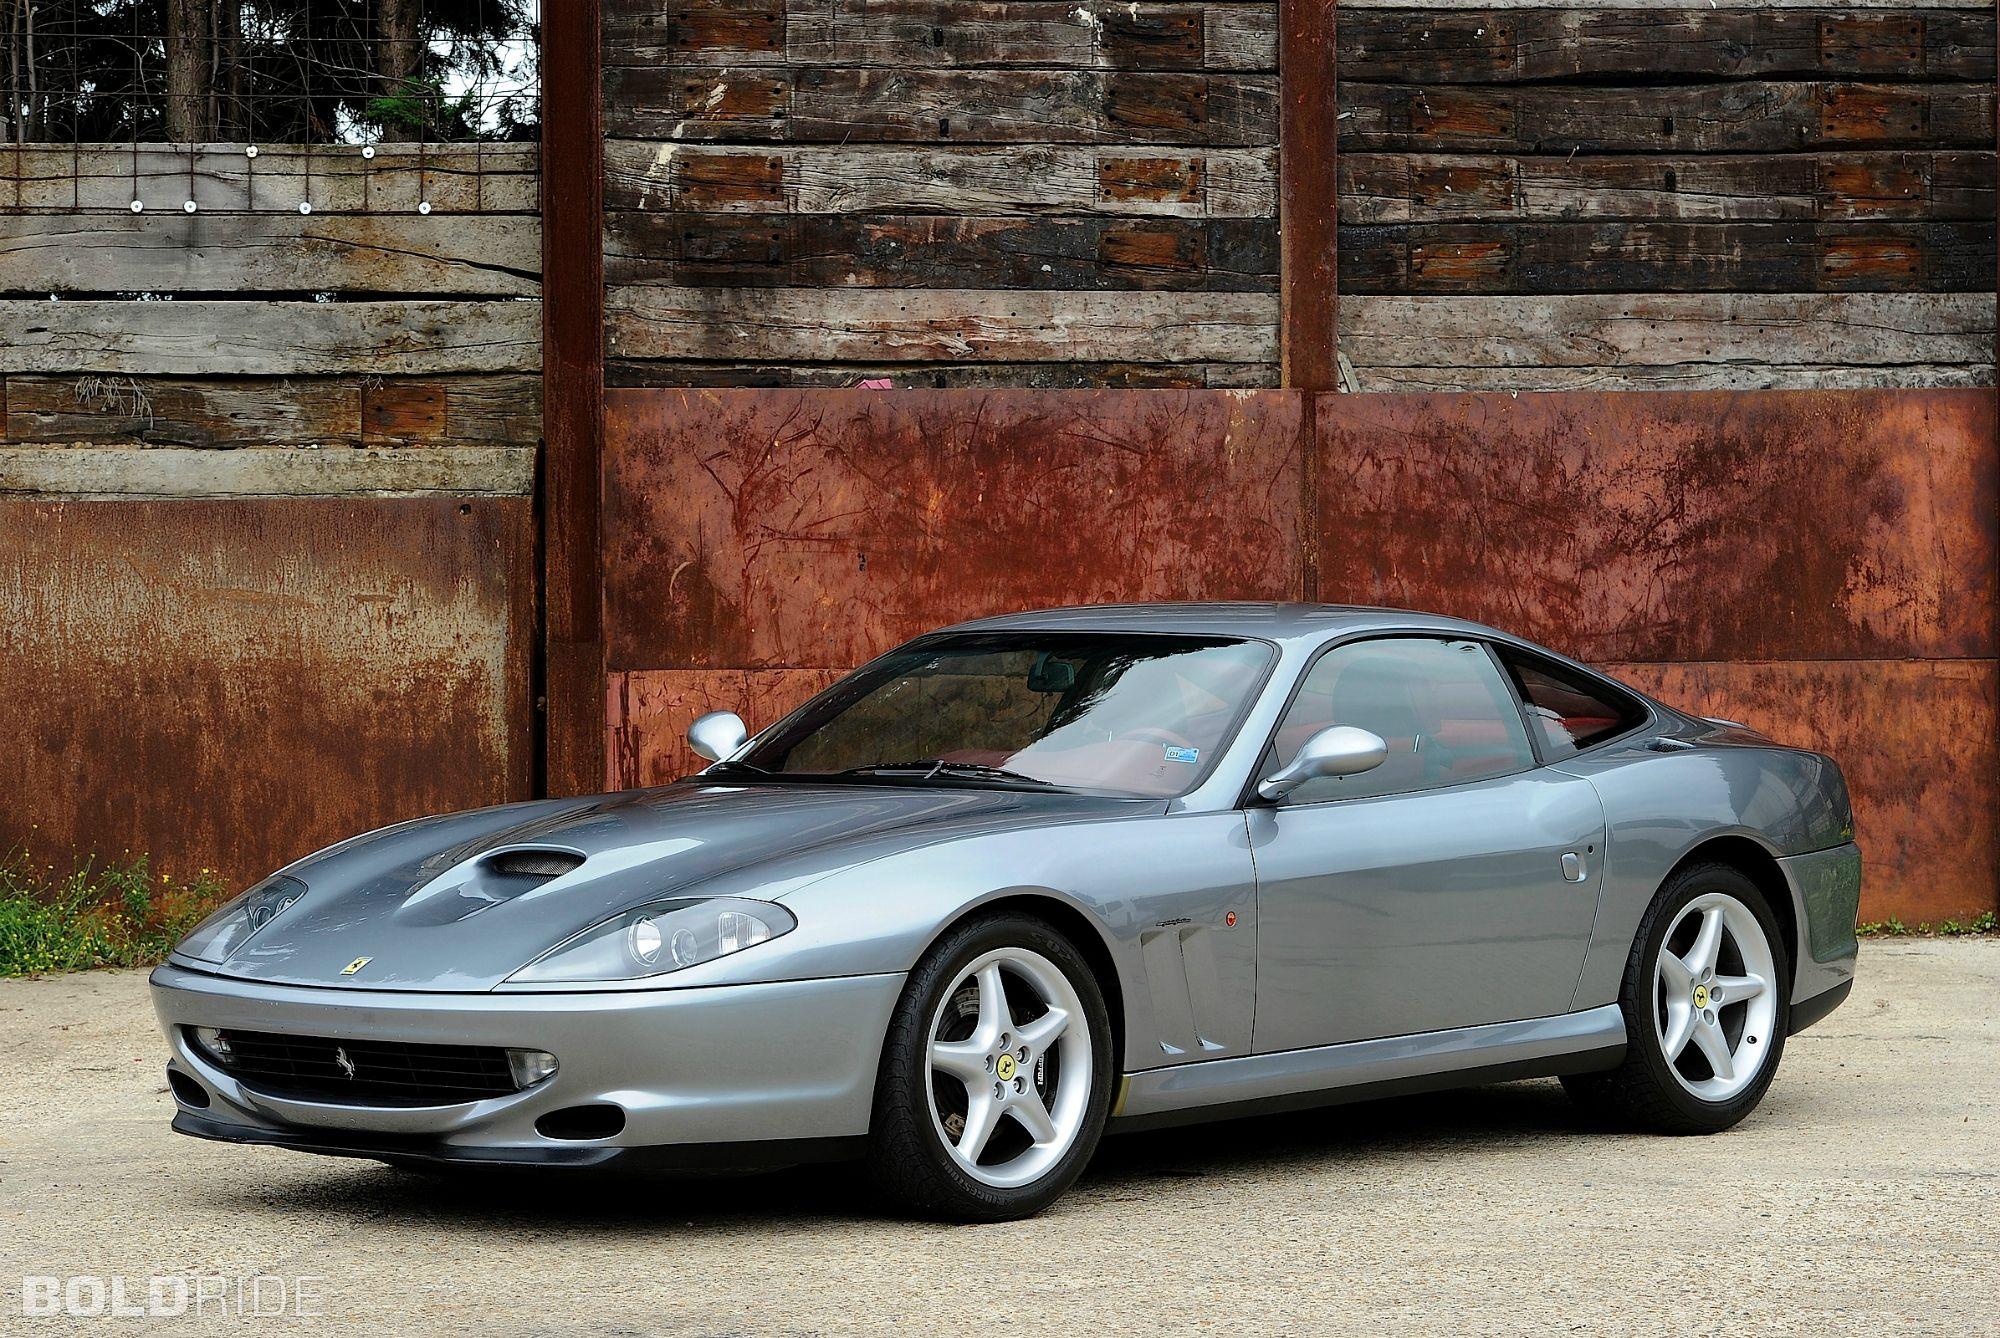 beautiful ferrari 550 maranello from 1996 - will smith drove one in